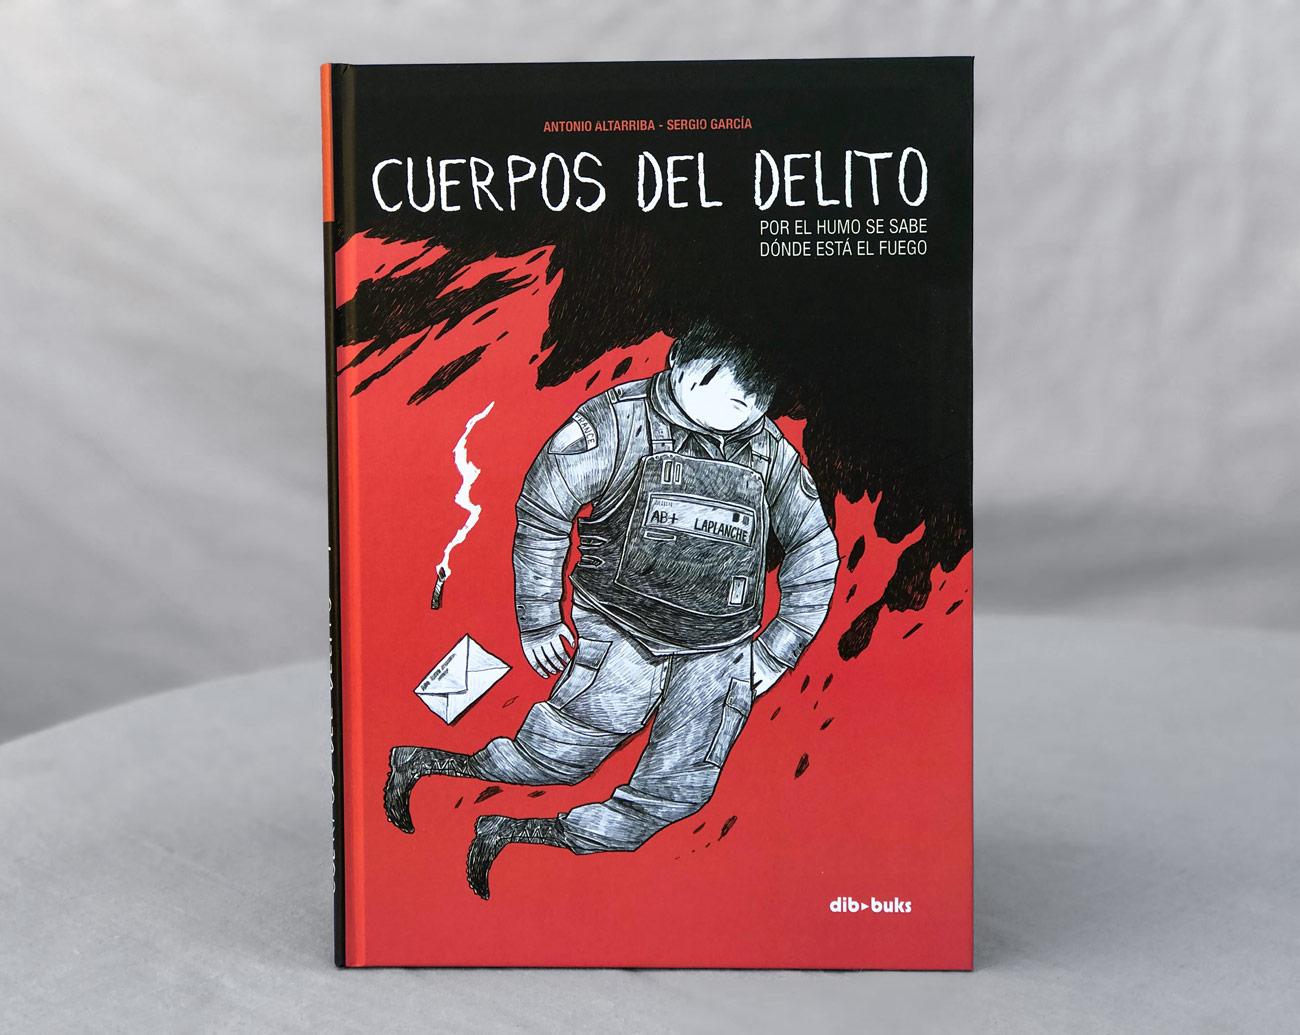 fando_portf_grafico_editorial_cuerpos_delito_1